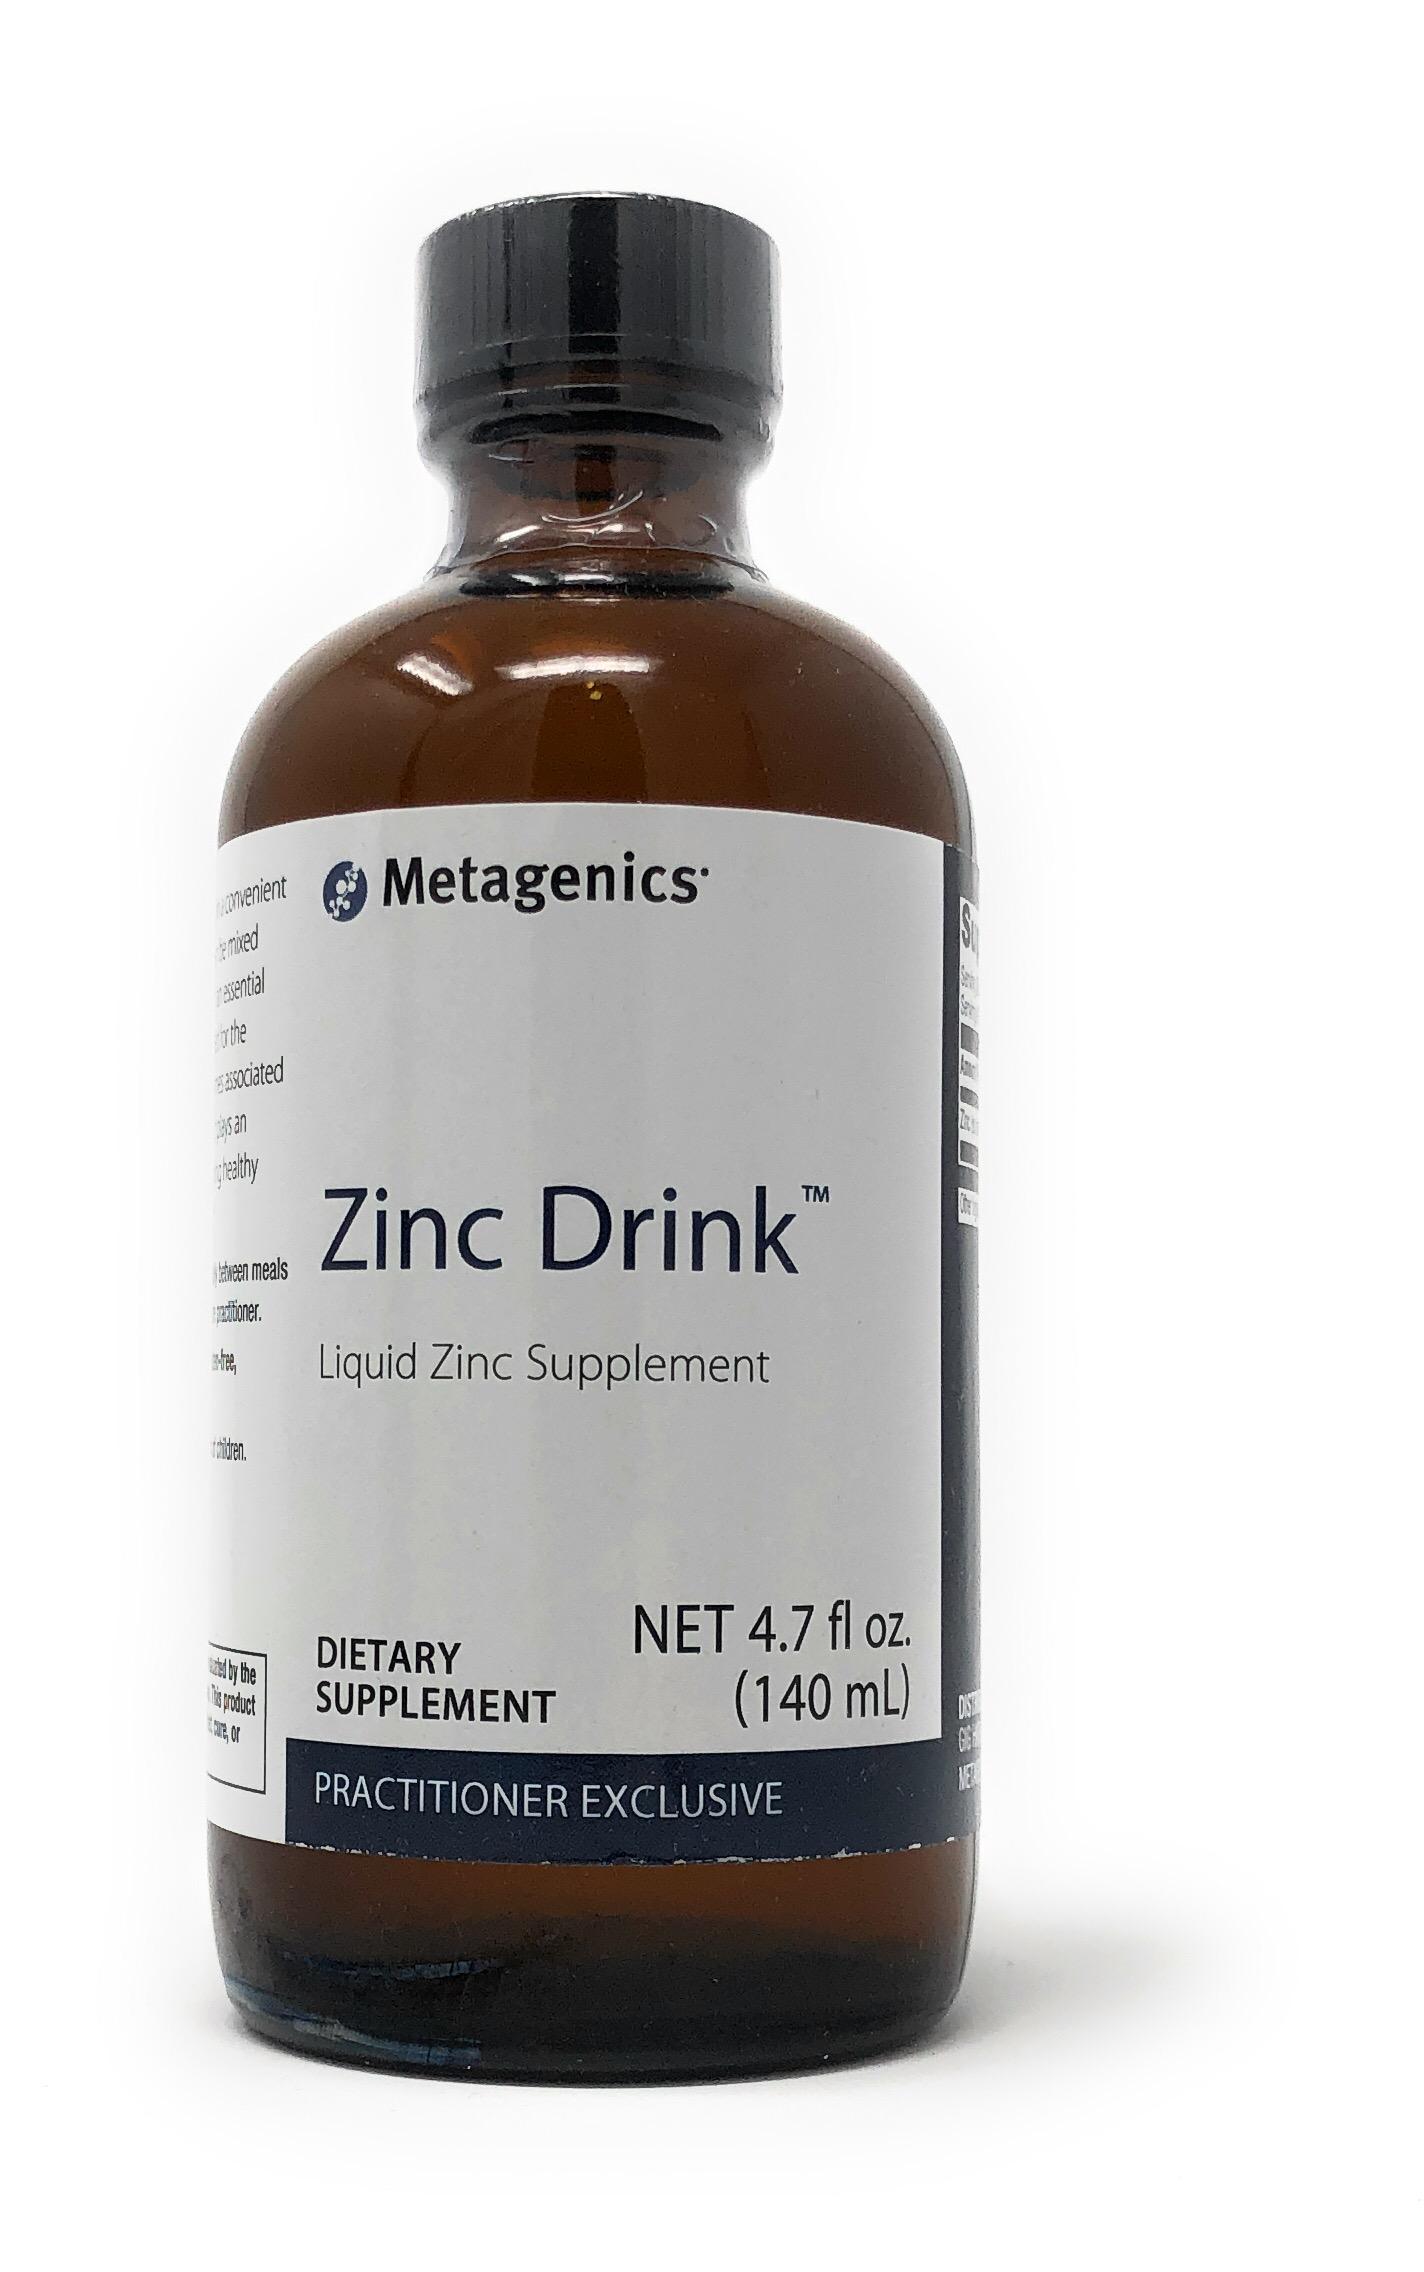 Metagenics Zinc Drink[TM] (flüssiges Zink Sulfat) 140ml Flasche